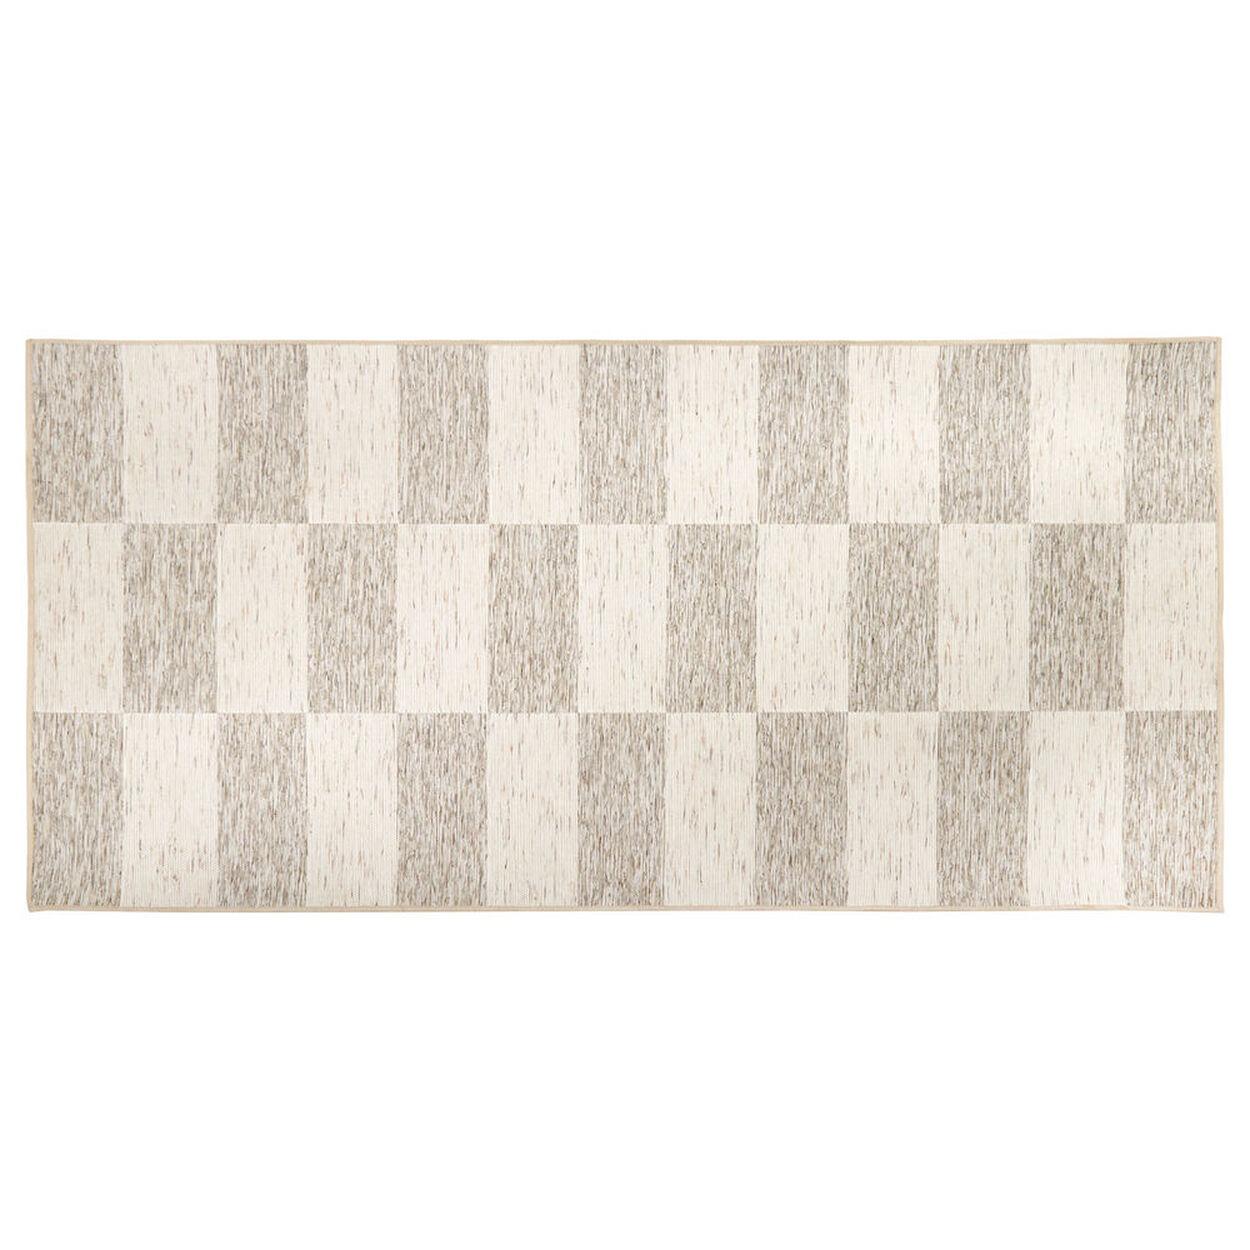 Jaco Natural Look Checkered Rug